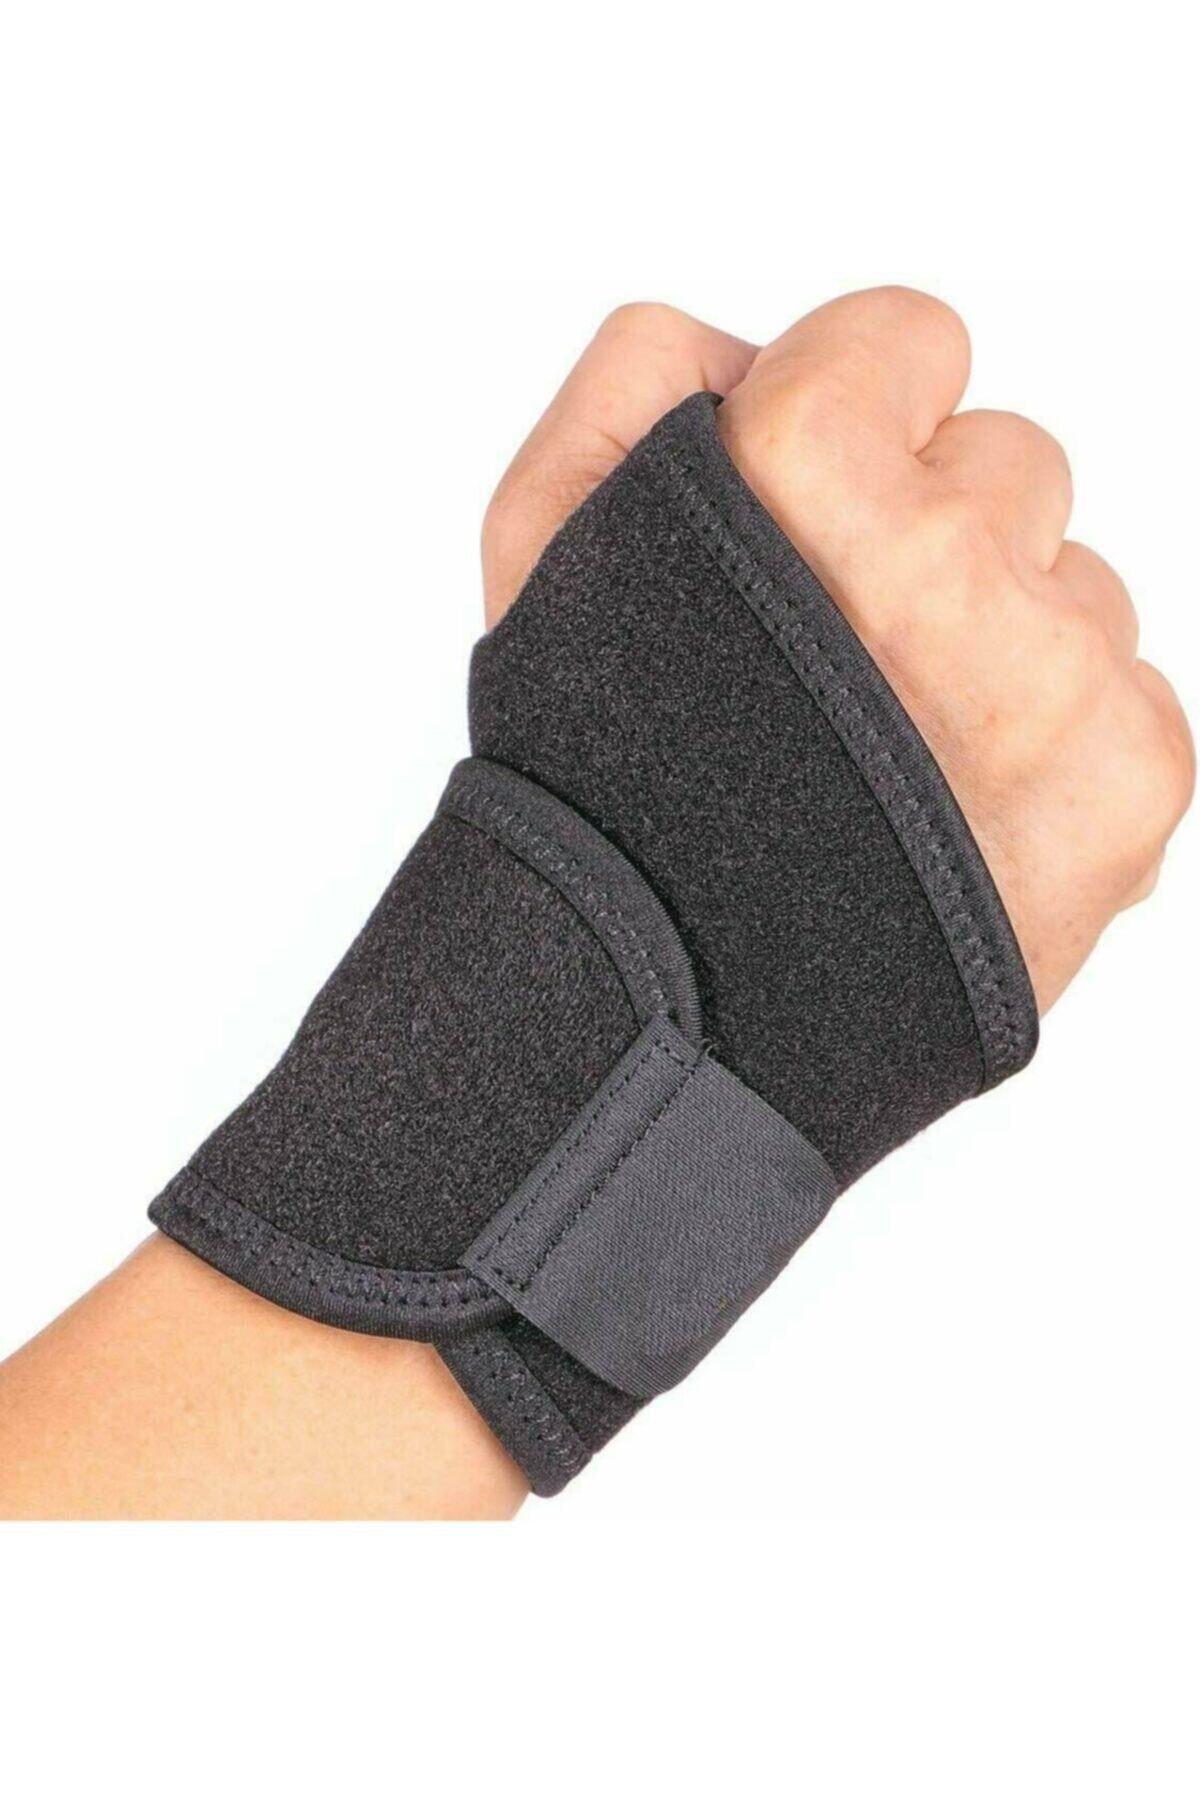 Ankara Medikal El Bilek Bandajı - Bandaj Bilekliği - Ayarlanabilir Parmaklı El Bilekliği 1